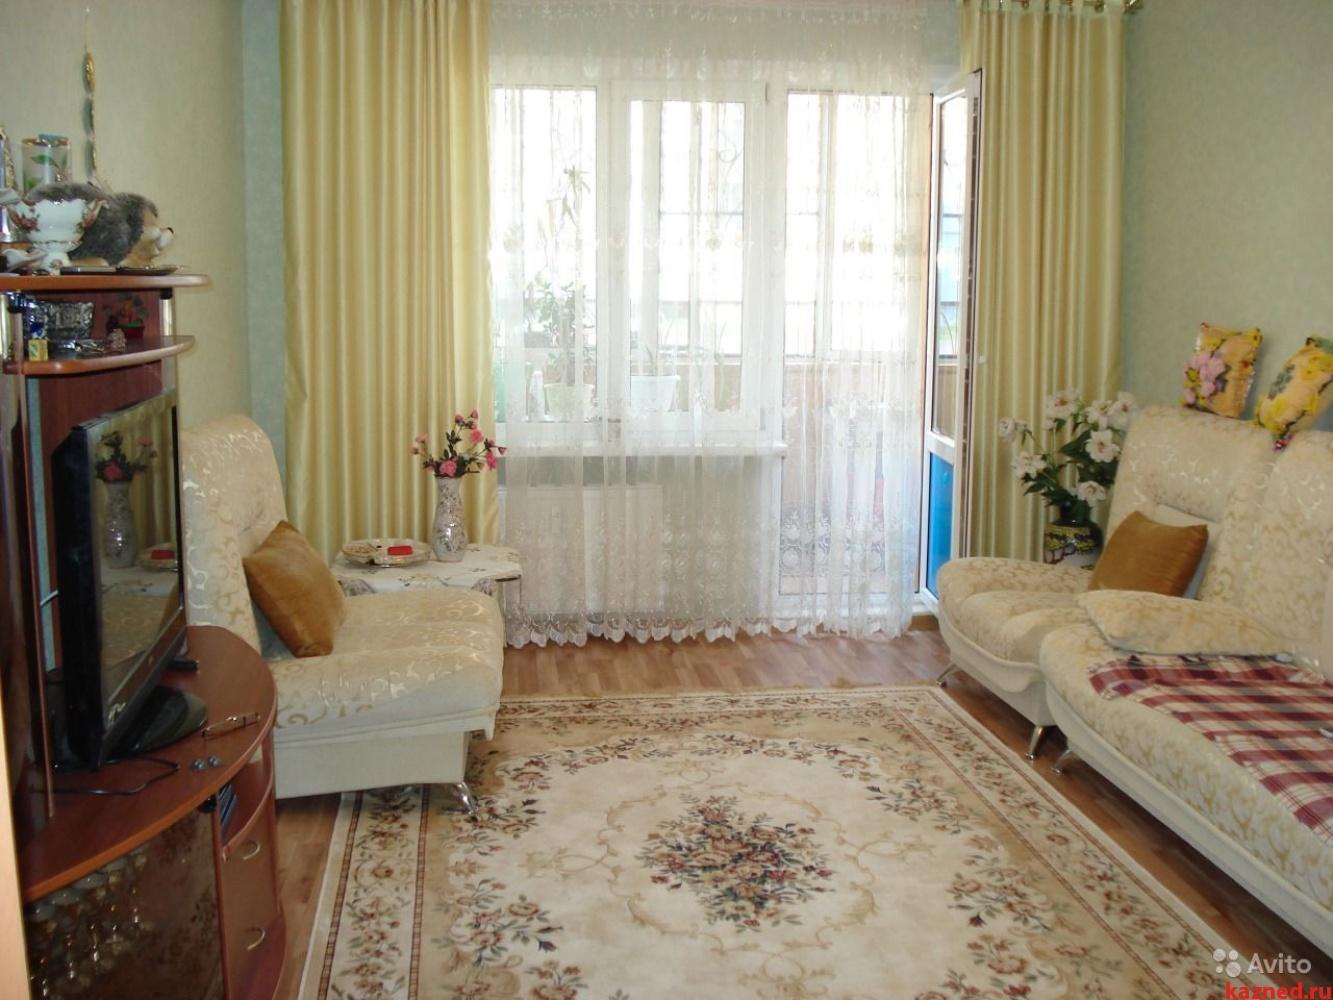 Продажа 3-к квартиры Гайсина, 3, 77 м2  (миниатюра №2)